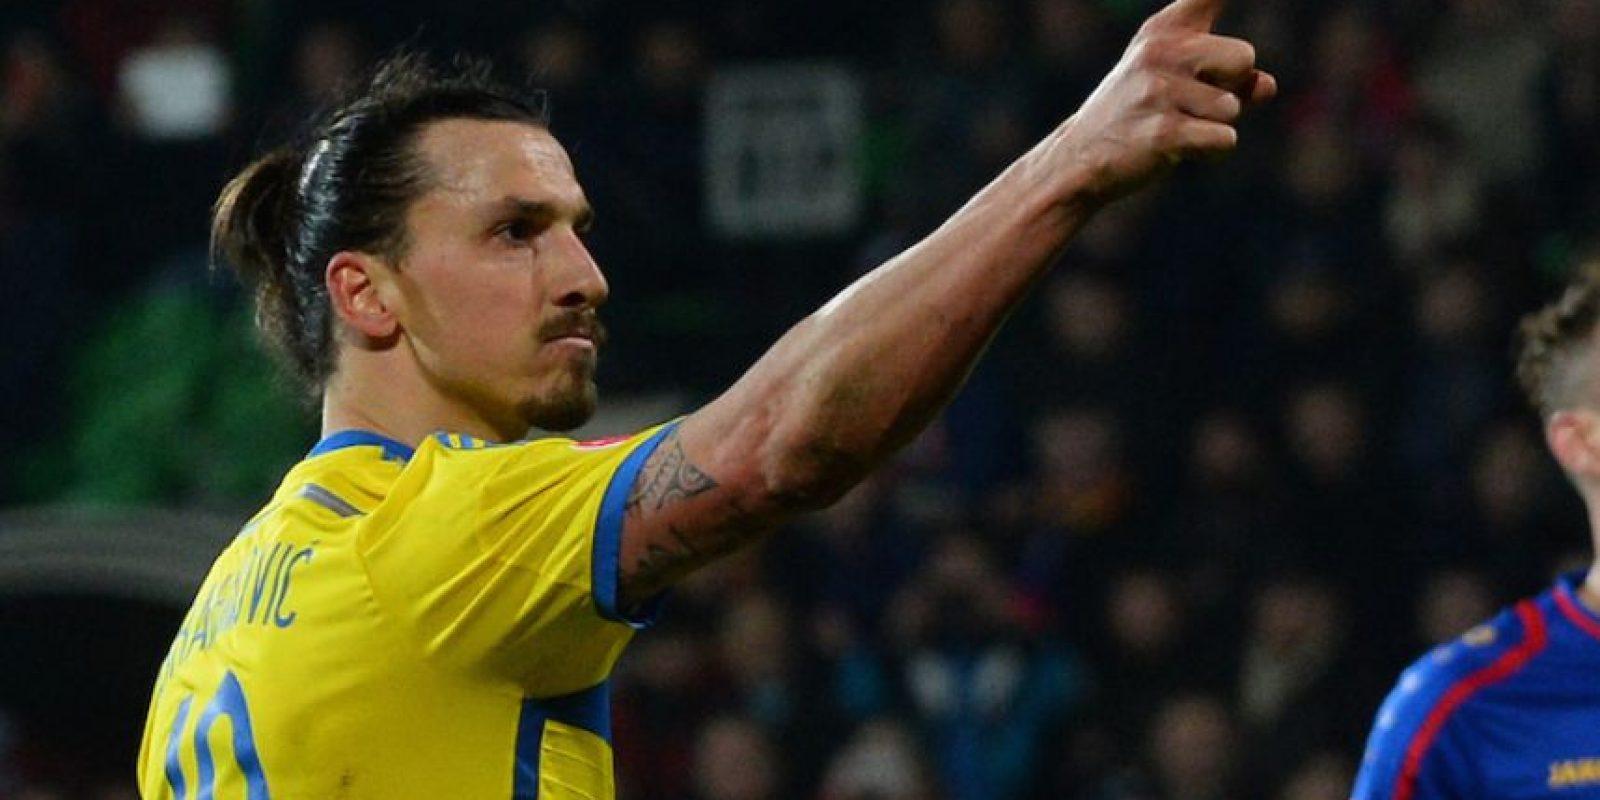 """Antes de jugarse contra Portugal, el pase al Mundial de Brasil 2014, el capitán de Suecia sorprendió a un periodista con una respuesta polémica al cuestionamiento sobre quien pasaría en la eliminatoria y que sería difícil hacerle a Dios este cuestionamiento: """"Estás hablando con él"""", sentenció. Foto:AFP"""